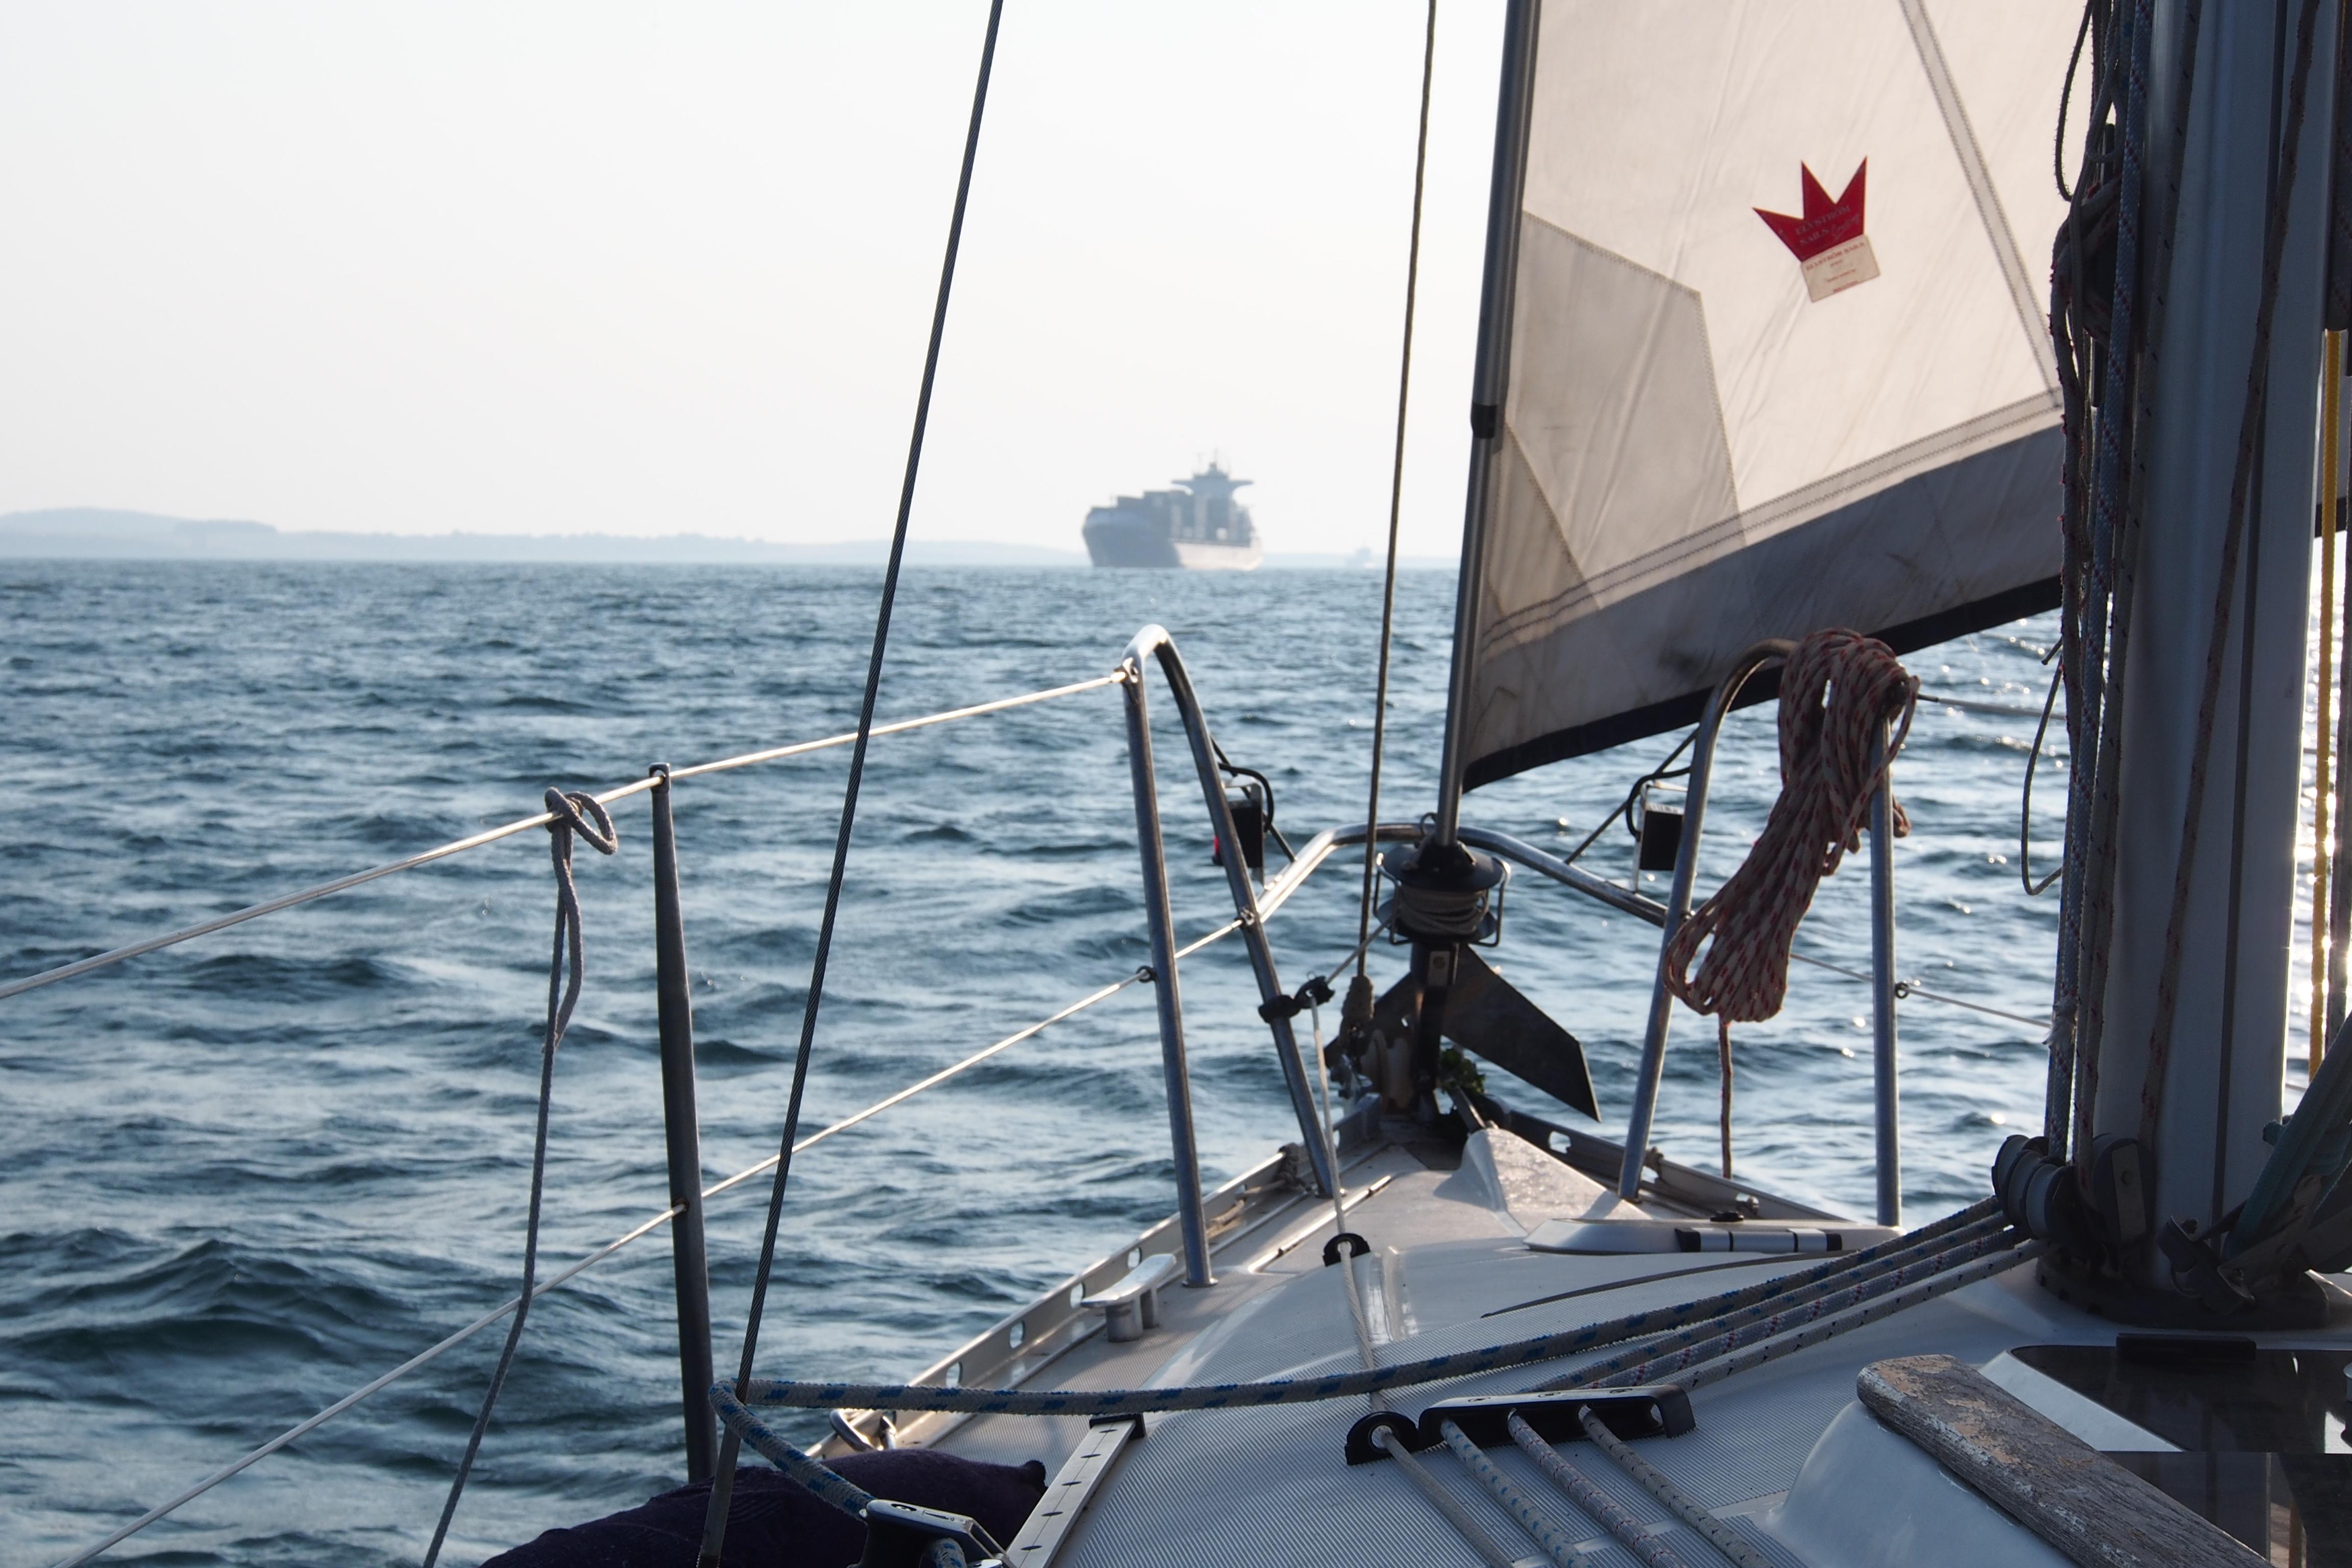 путешествие на парусной яхте в мае фото